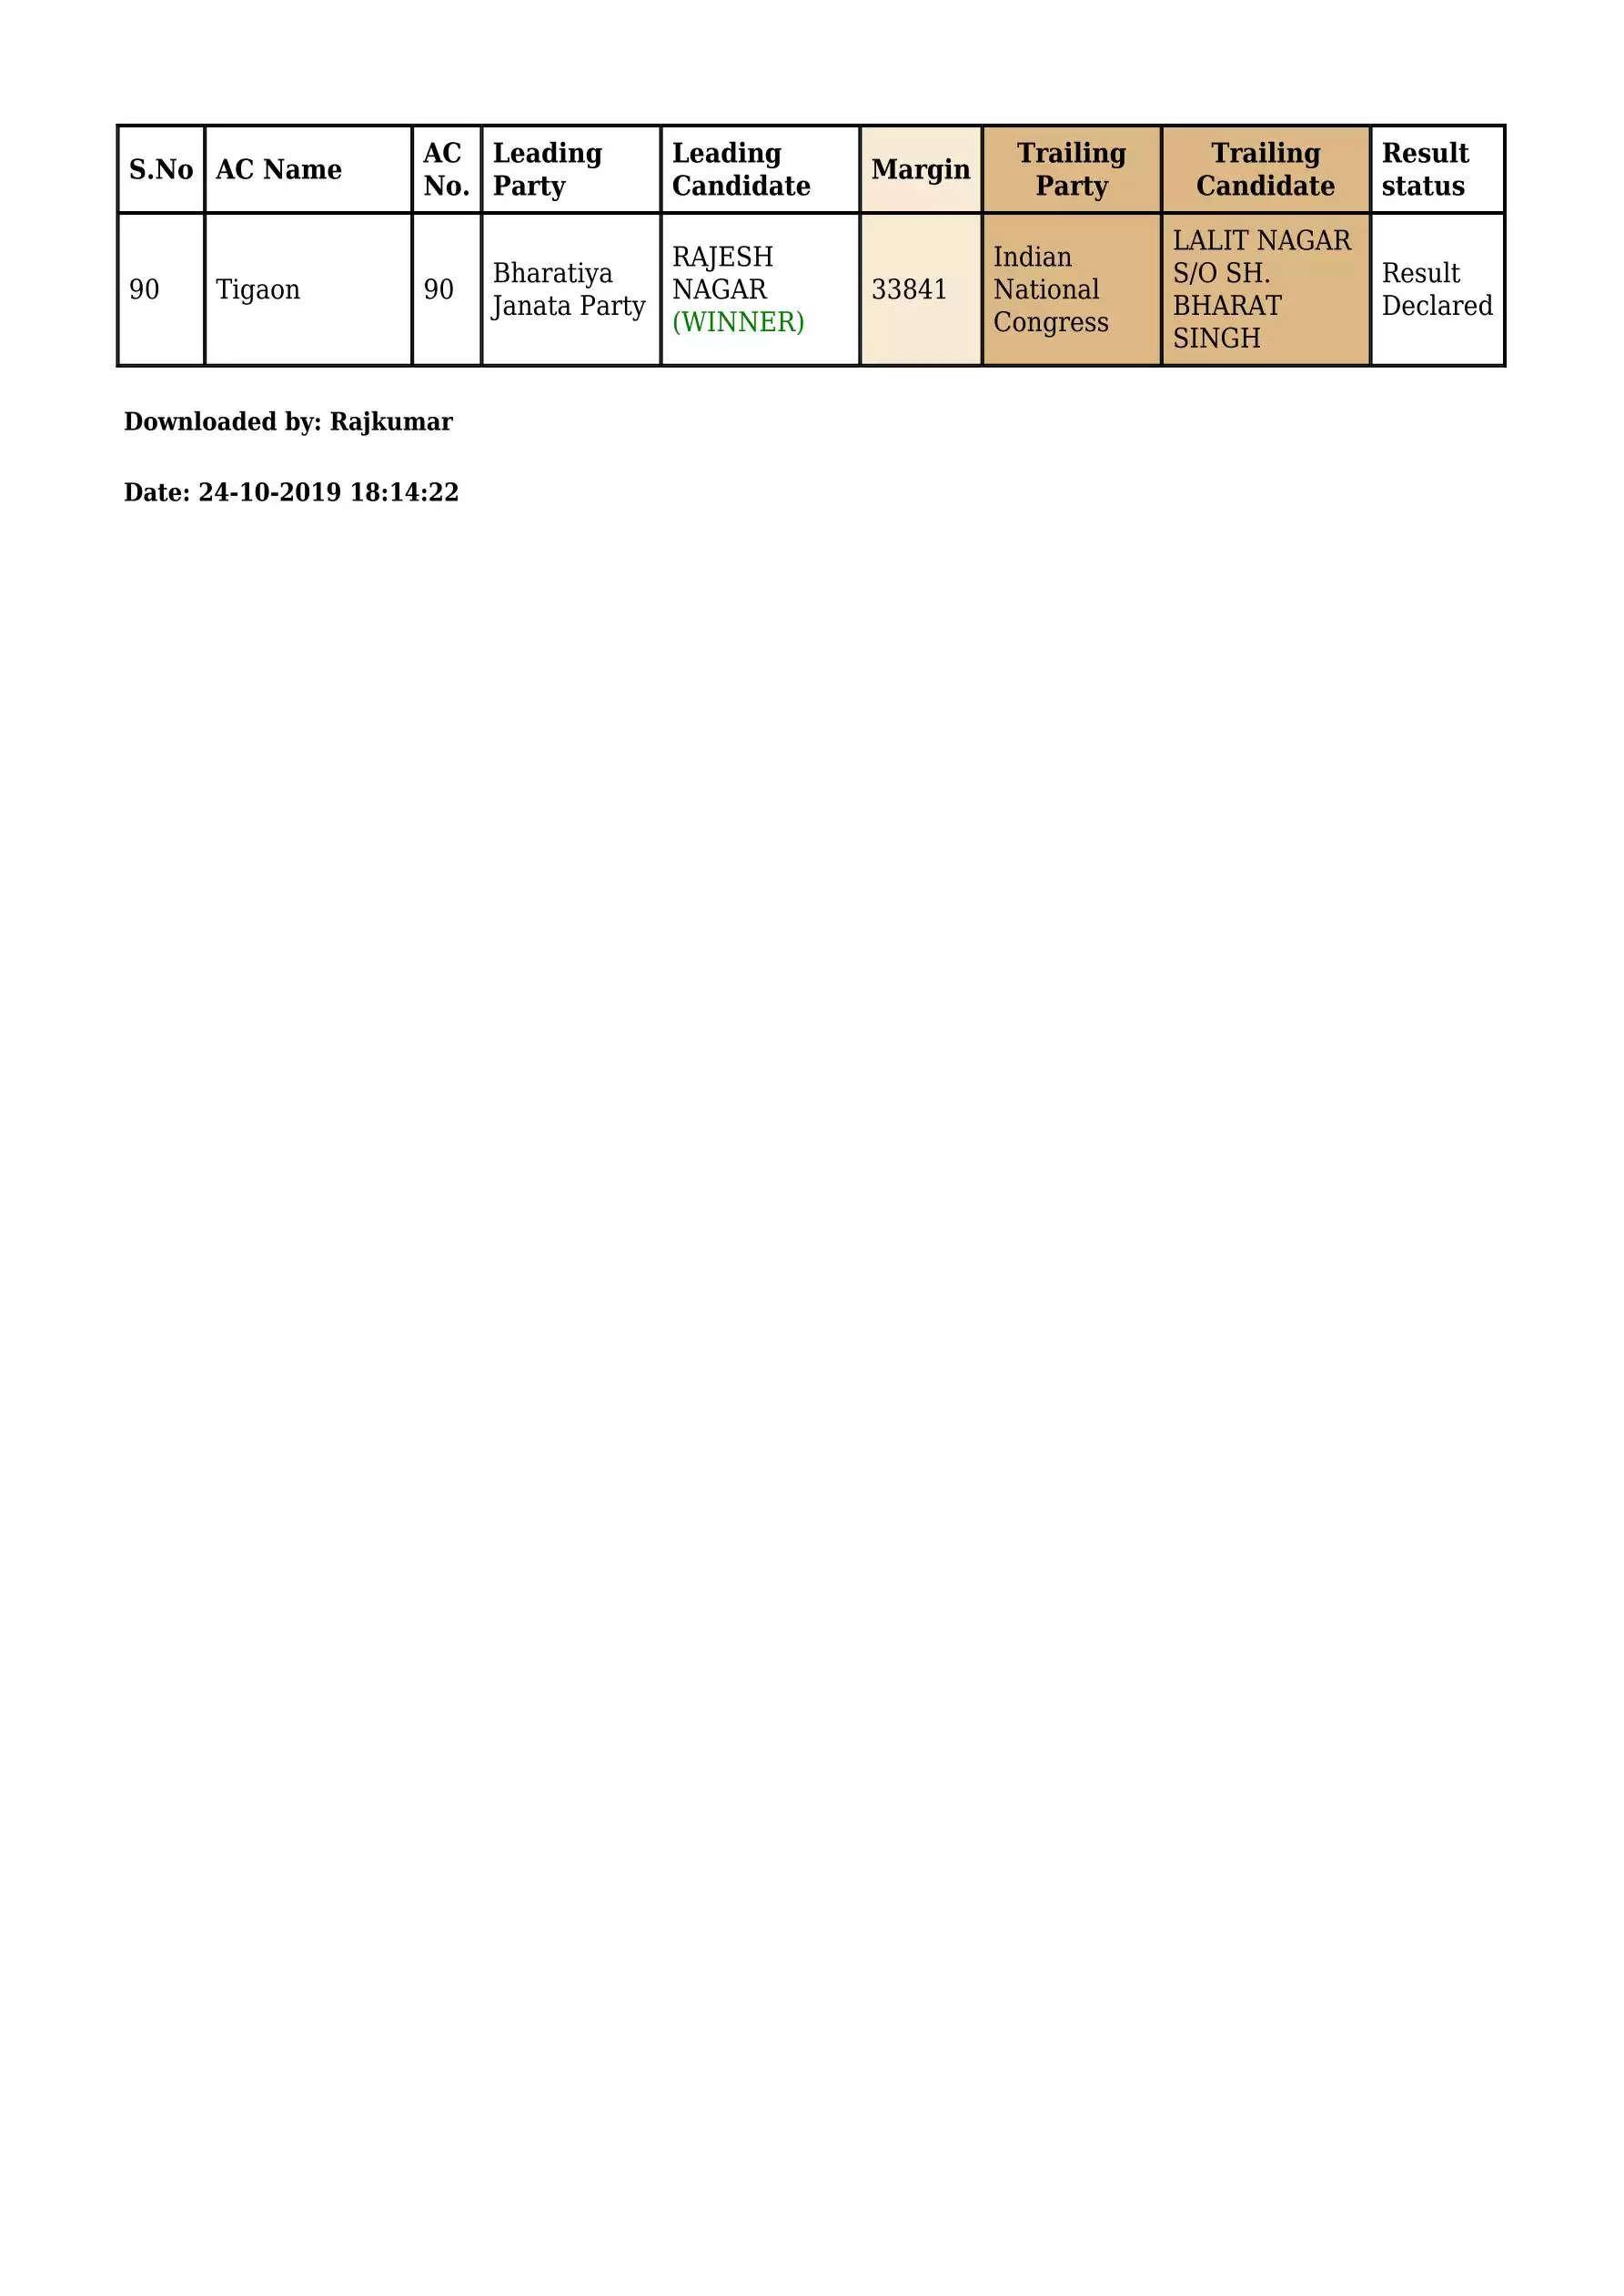 हरियाणा की सभी 90 सीटों का देखिये ताजा हाल, कौन जीता, कौन हारा, कहां फंसी है बाजी